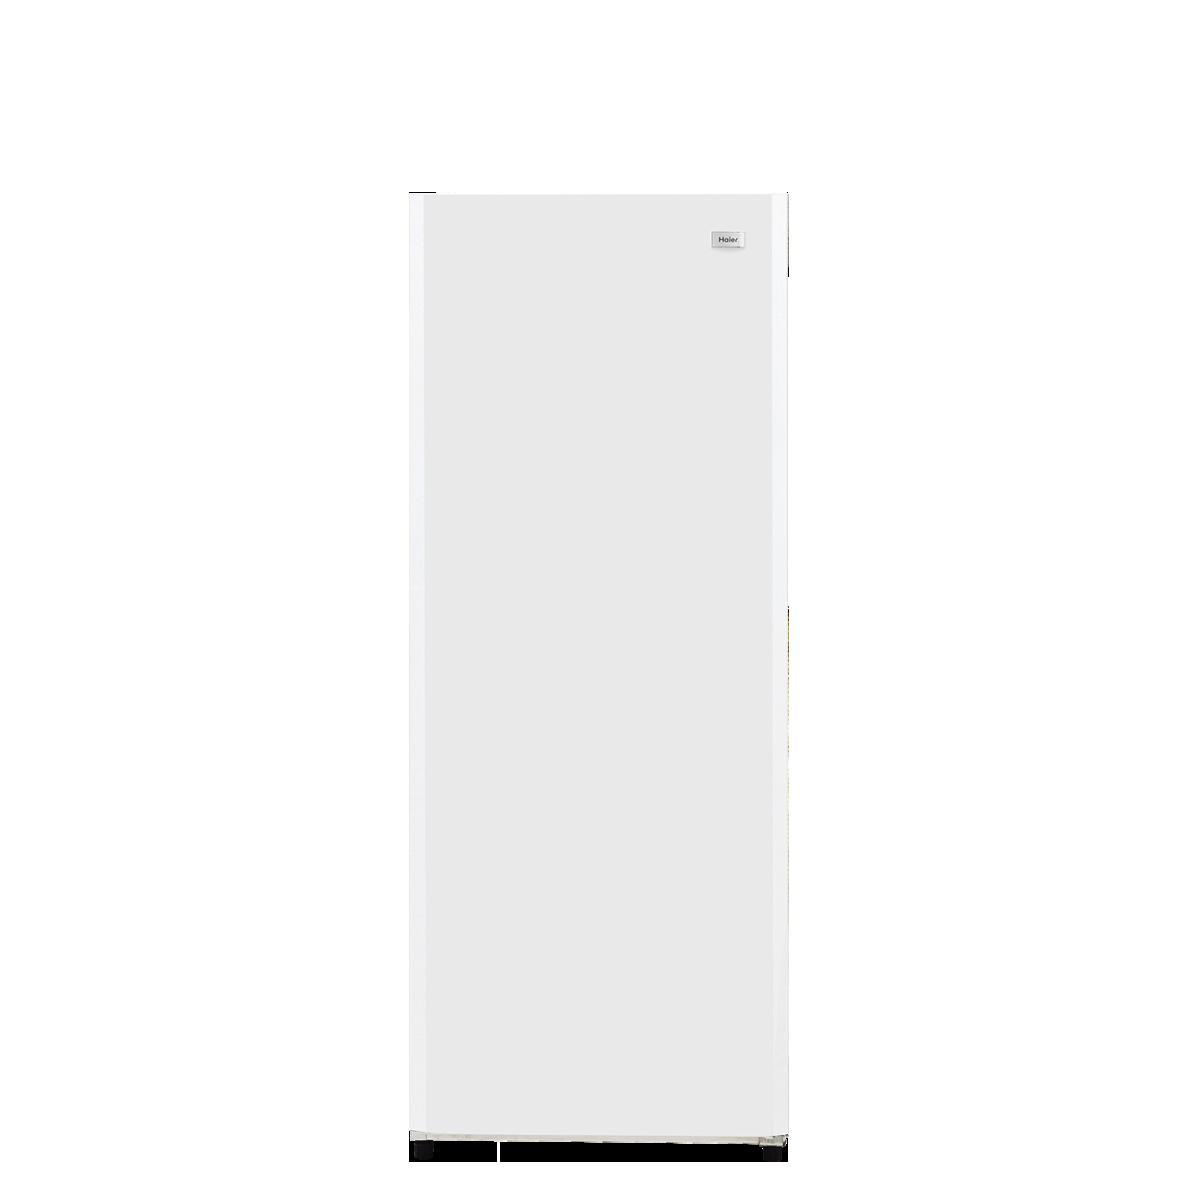 ハイアール 132L 冷凍庫【右開き】ホワイト【フリーザー】Haier JF-NUF132G-W